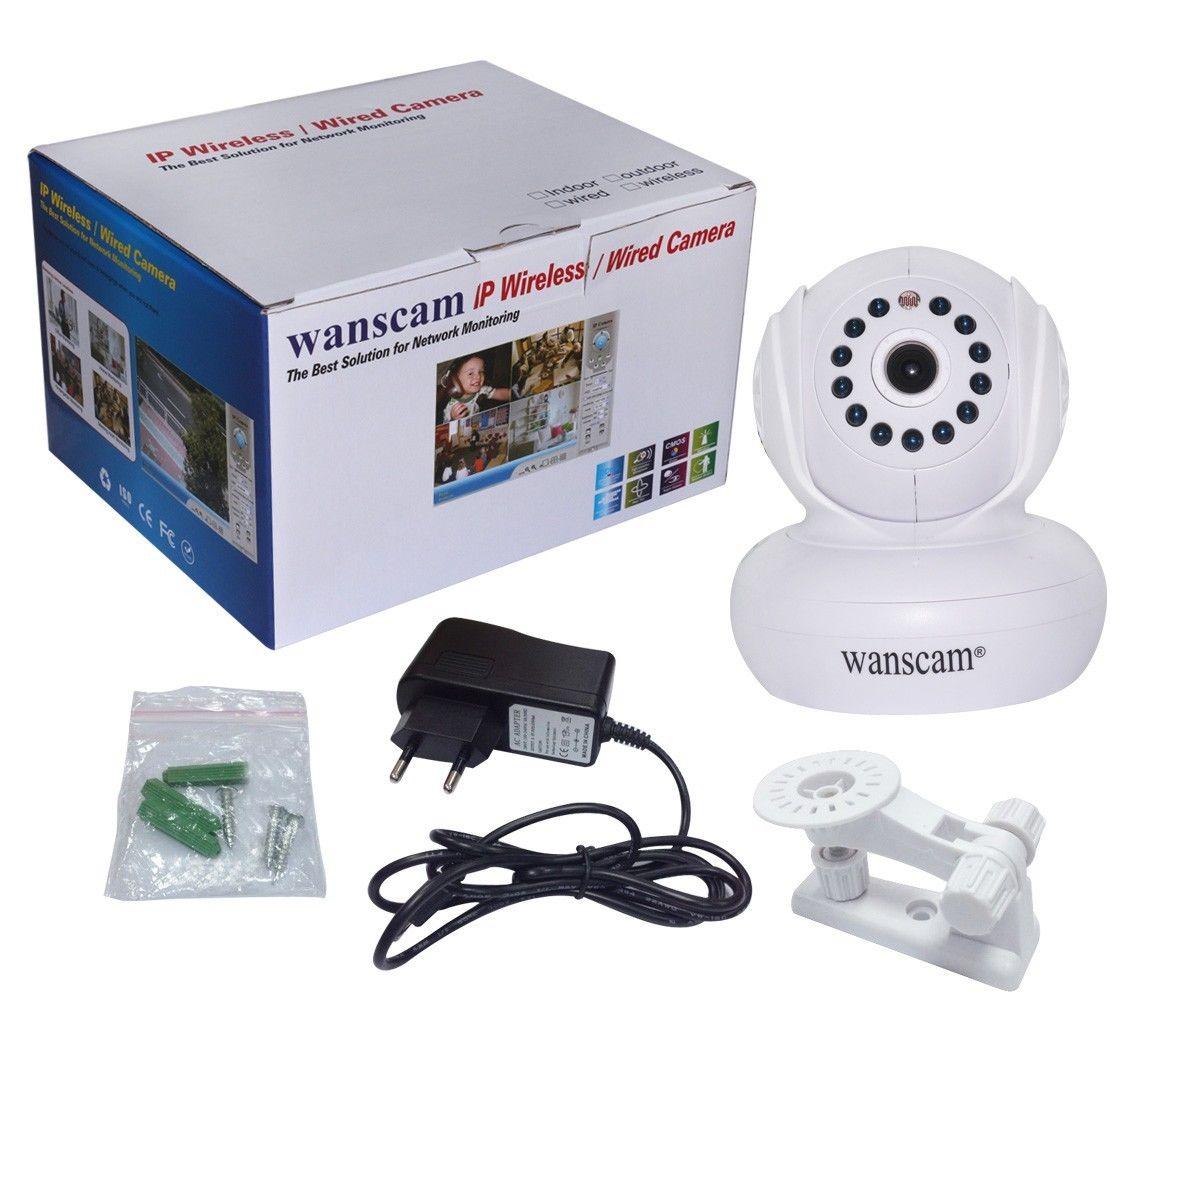 Видеокамера с записью на флеш-карту полный комплект. Стоит порядка $50 на ebay